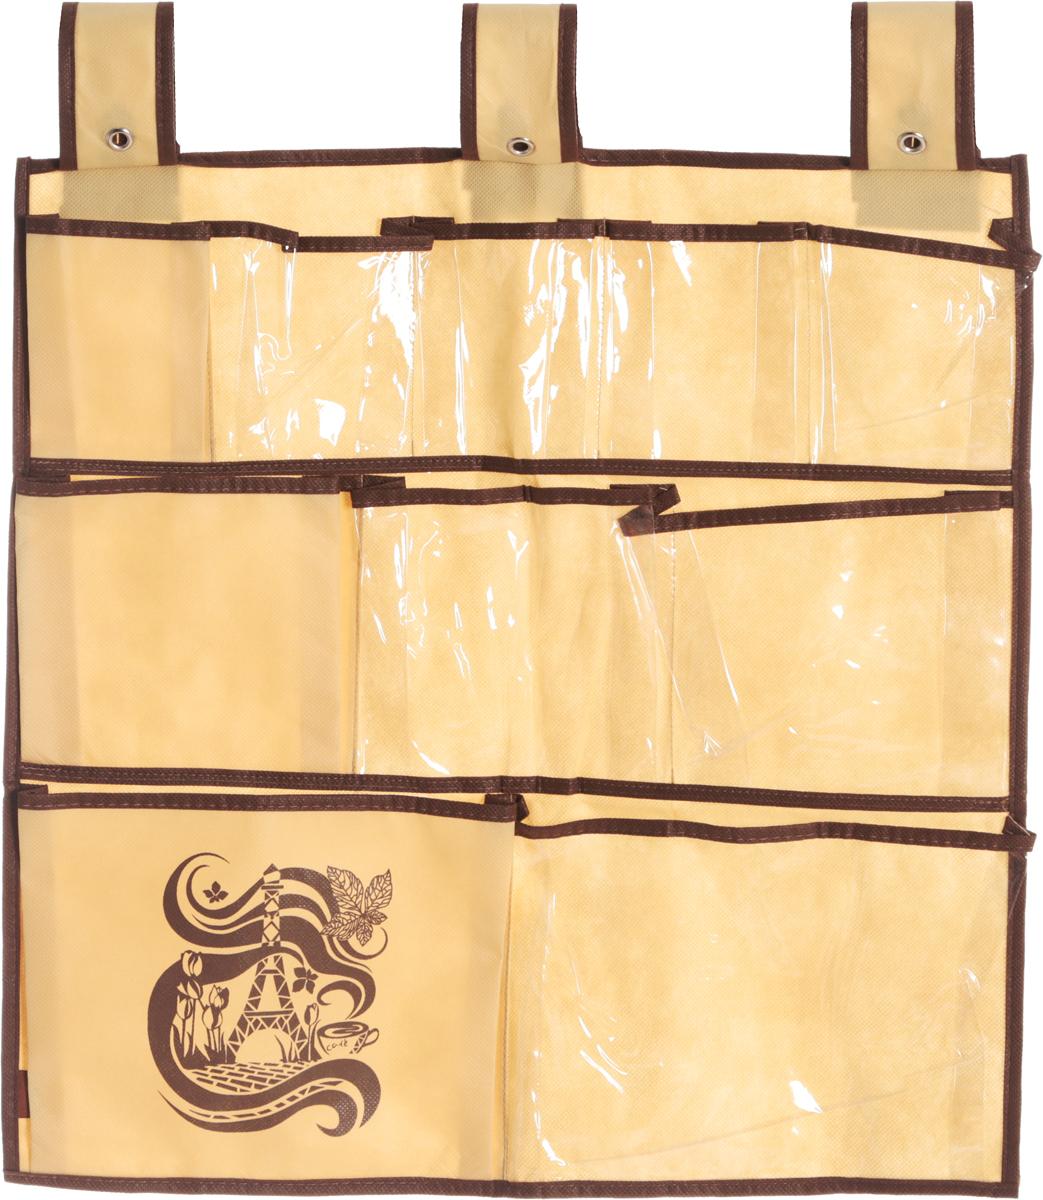 Органайзер для мелочей Все на местах Париж, подвесной, цвет: коричневый, бежевый, 10 карманов, 56 x 56 см1001020.Подвесной органайзер Все на местах Париж, изготовленный из ПВХ и спанбонда, предназначен для хранения необходимых вещей, множества мелочей в гардеробной, ванной комнате. Изделие оснащено 10 пришитыми кармашками. Крепится органайзер на широкие лямки на липучках. Этот нужный предмет может стать одновременно и декоративным элементом комнаты. Яркий дизайн, как ничто иное, способен оживить интерьер вашего дома. Размер органайзера: 56 х 56 см.